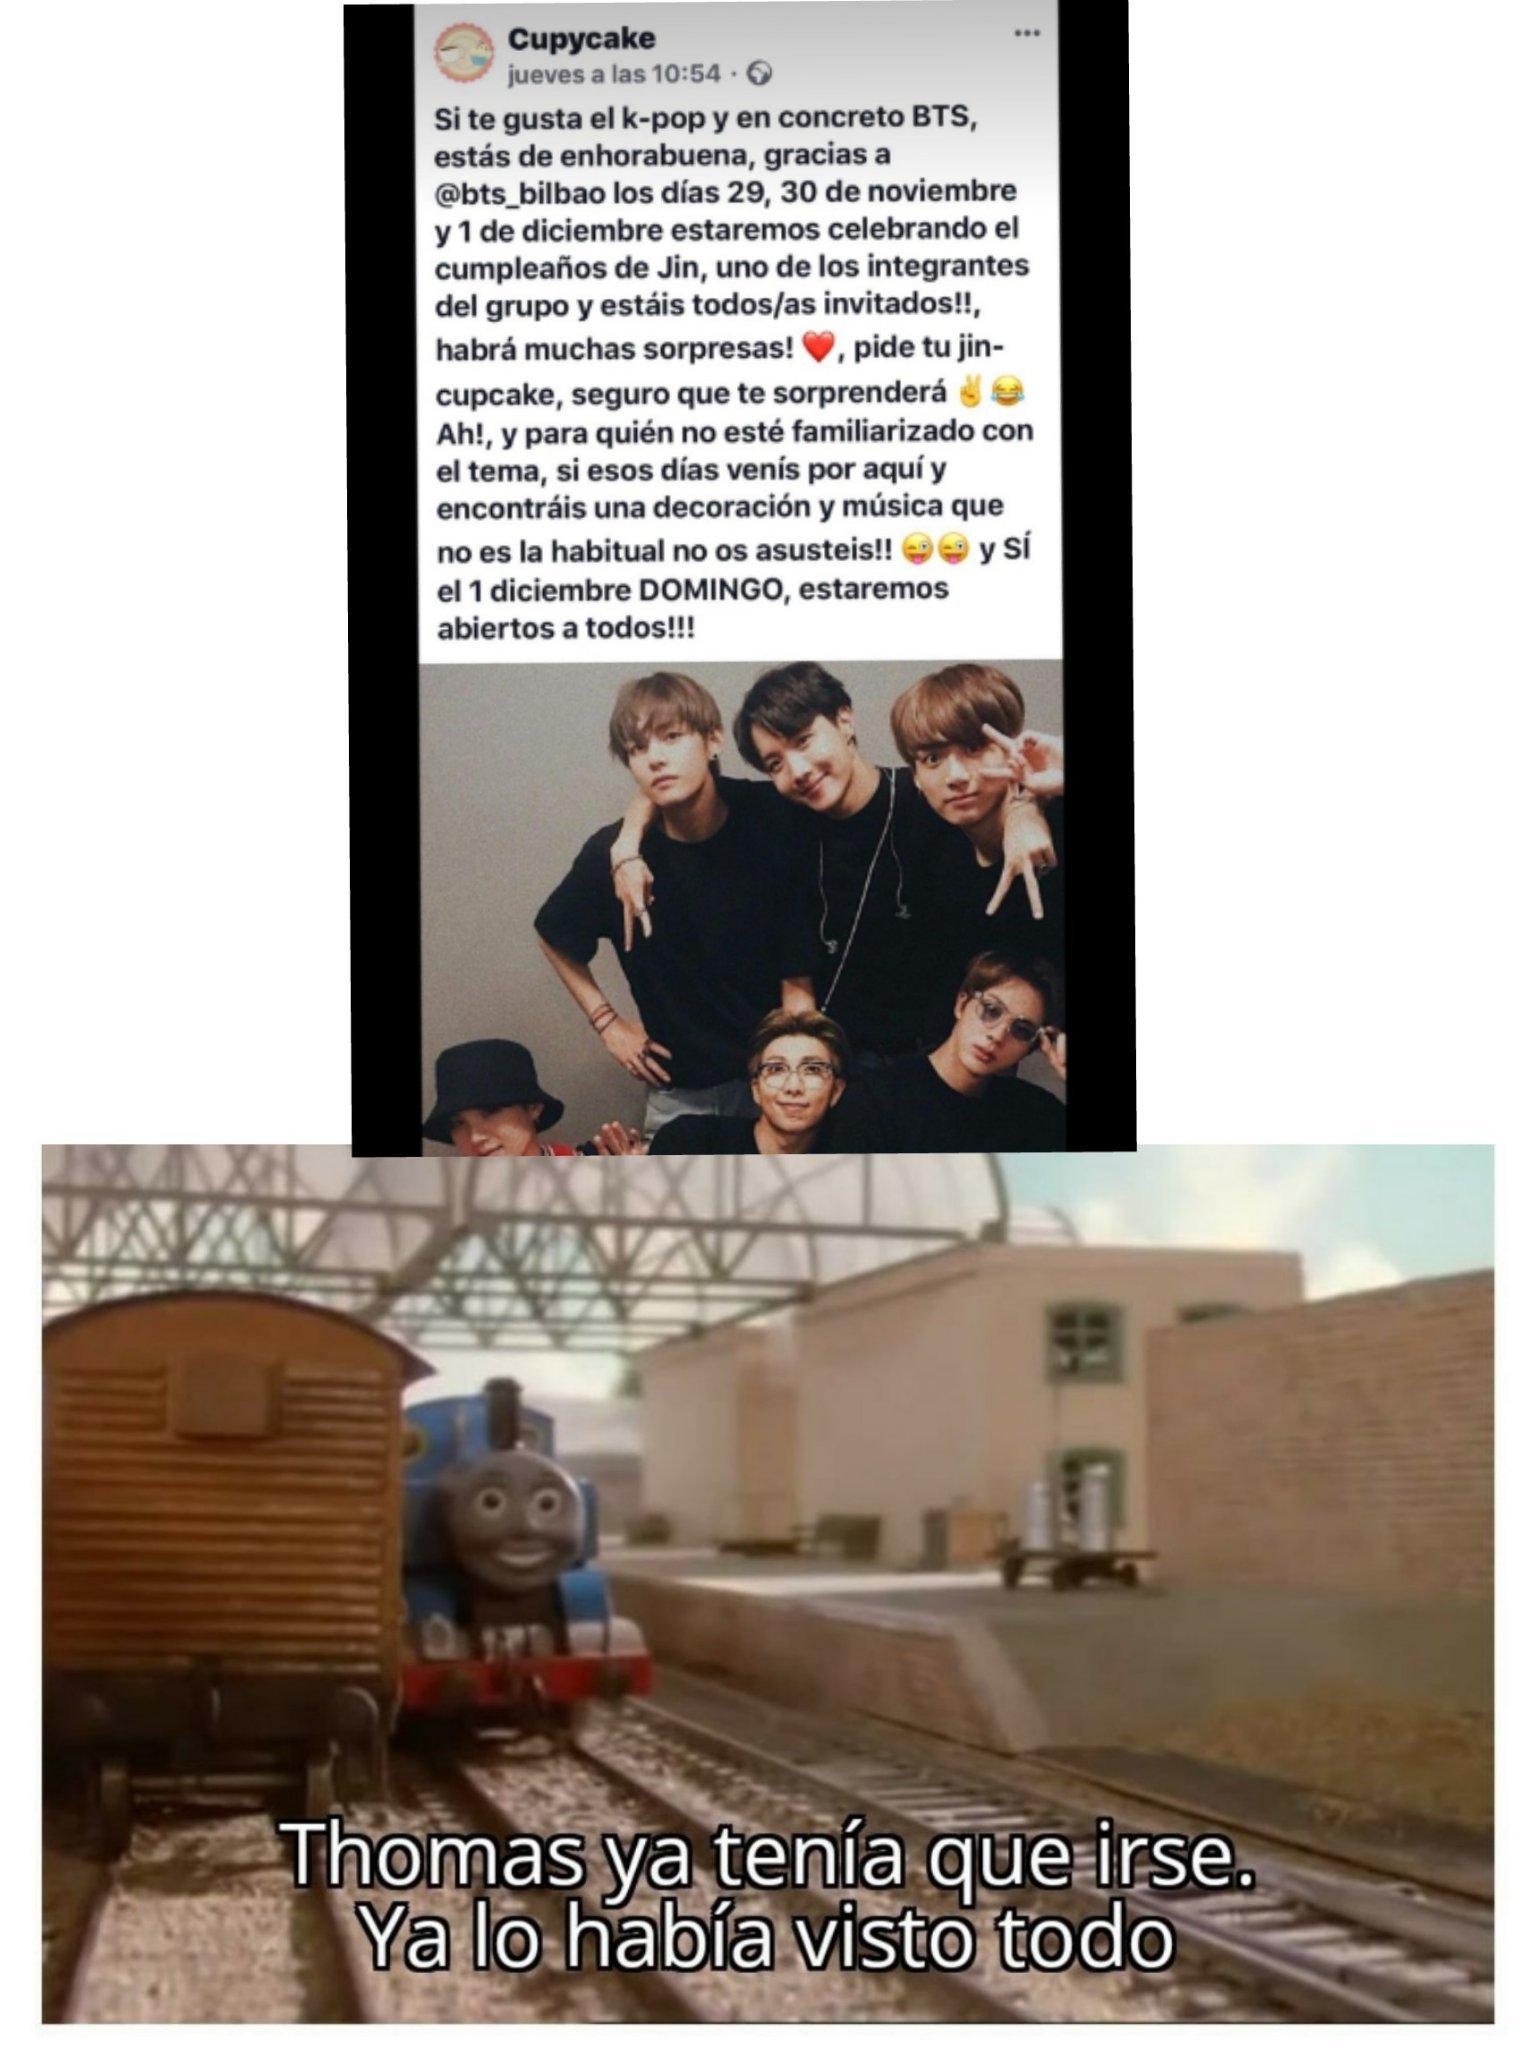 Thomas ahora sí lo vio todo - meme